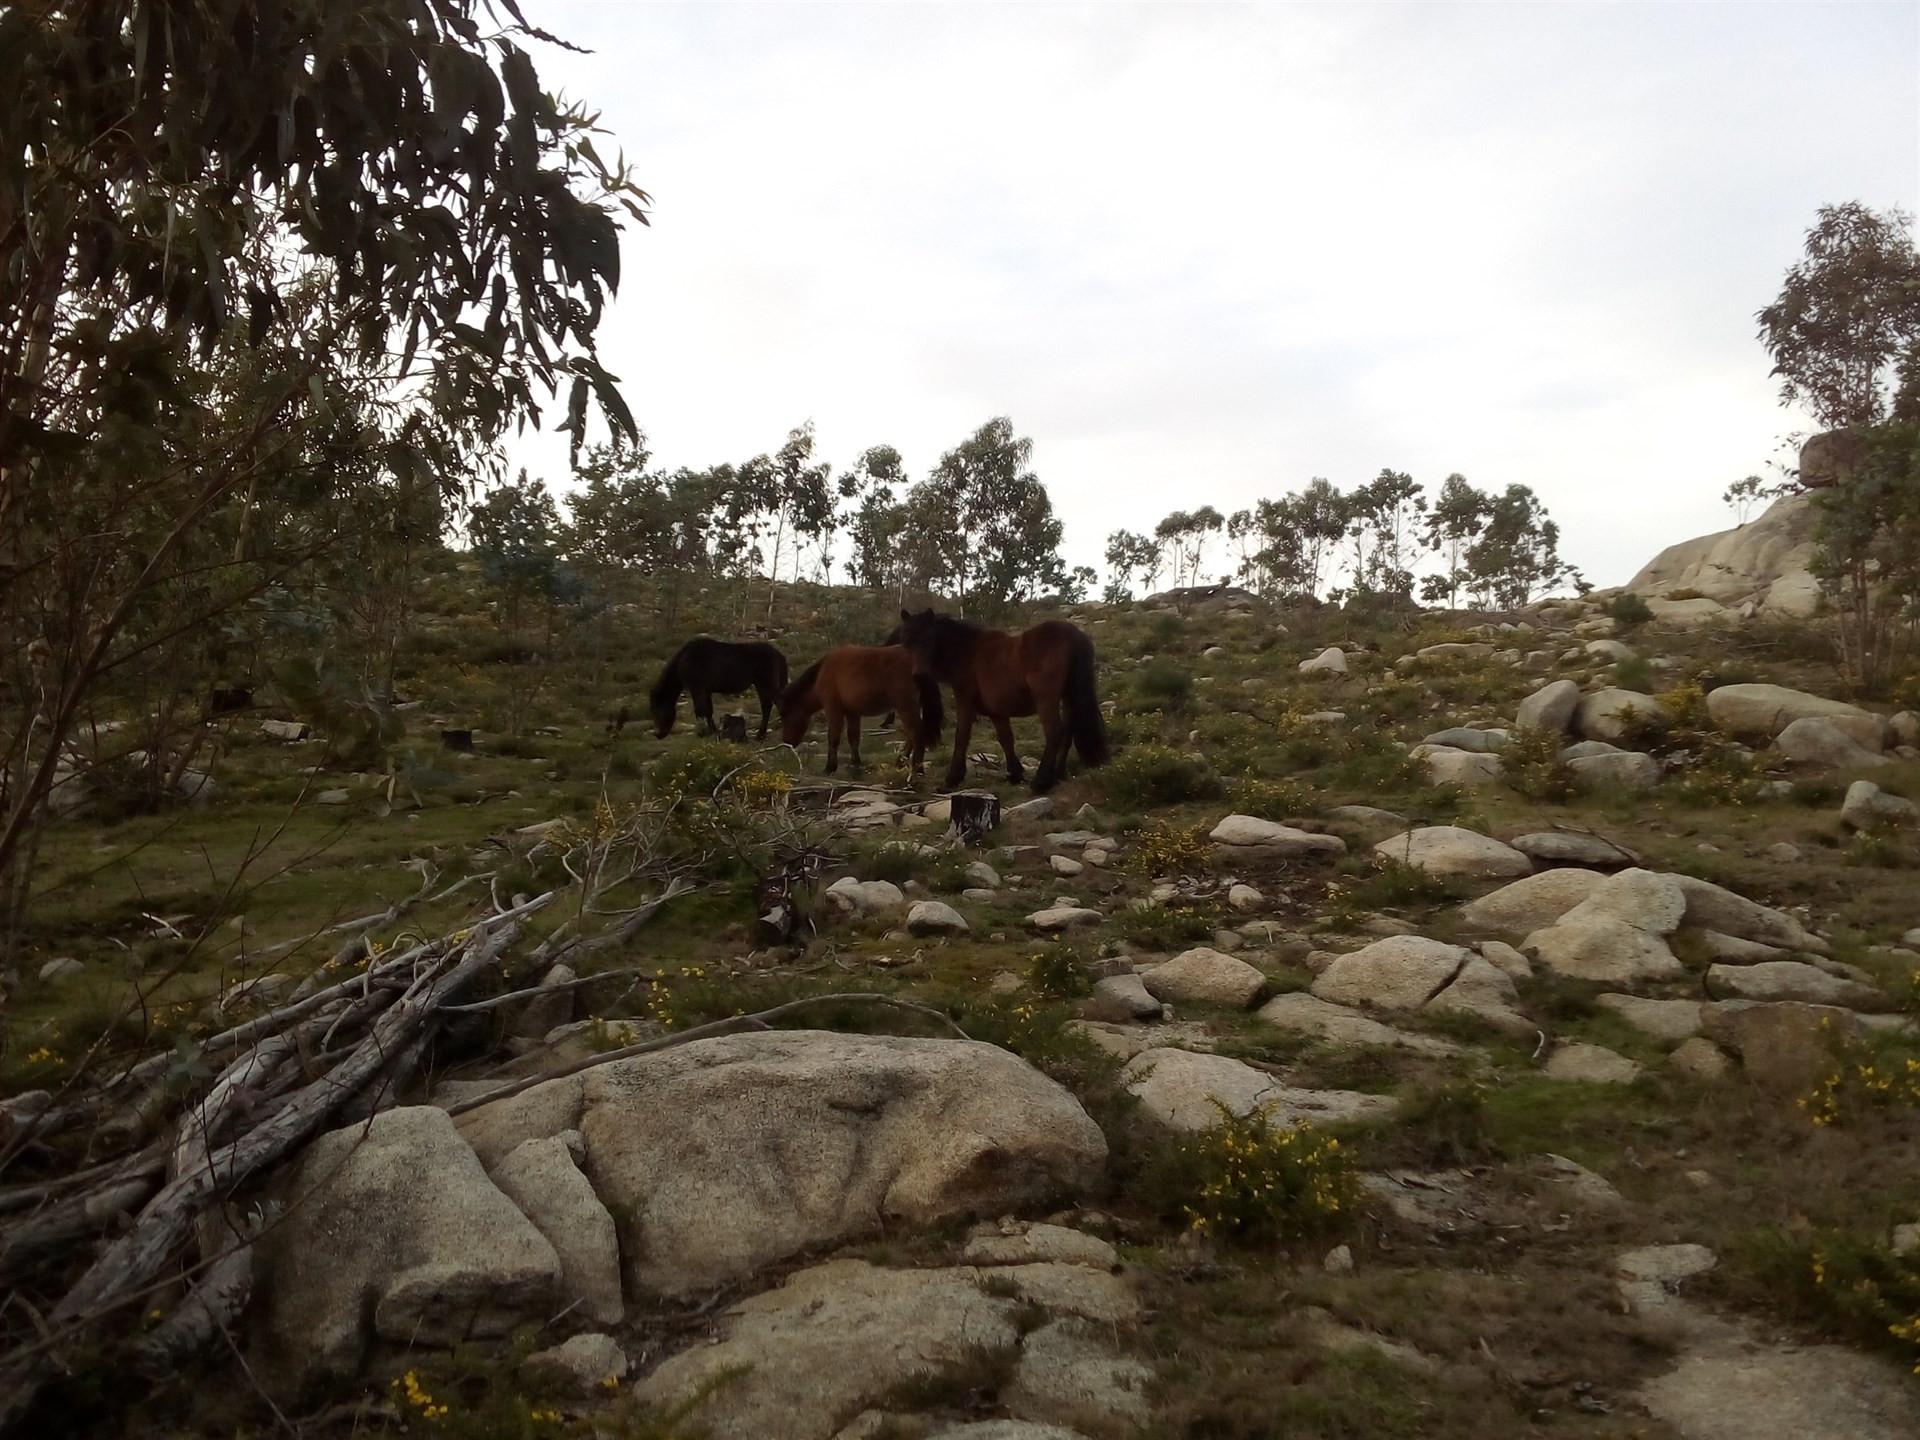 Cabaloscontrancas